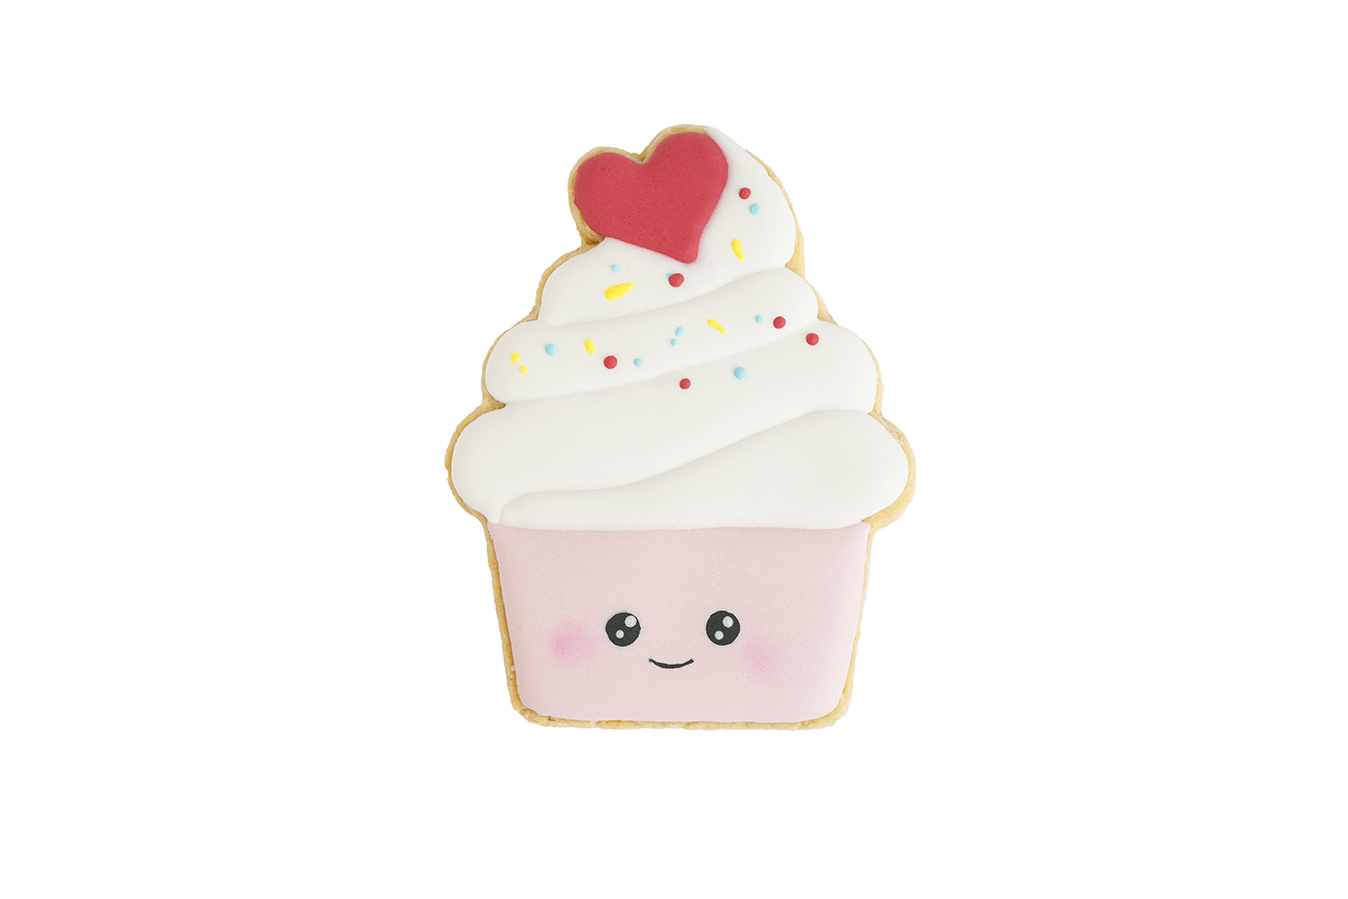 181126 - Cupcake pink.jpg